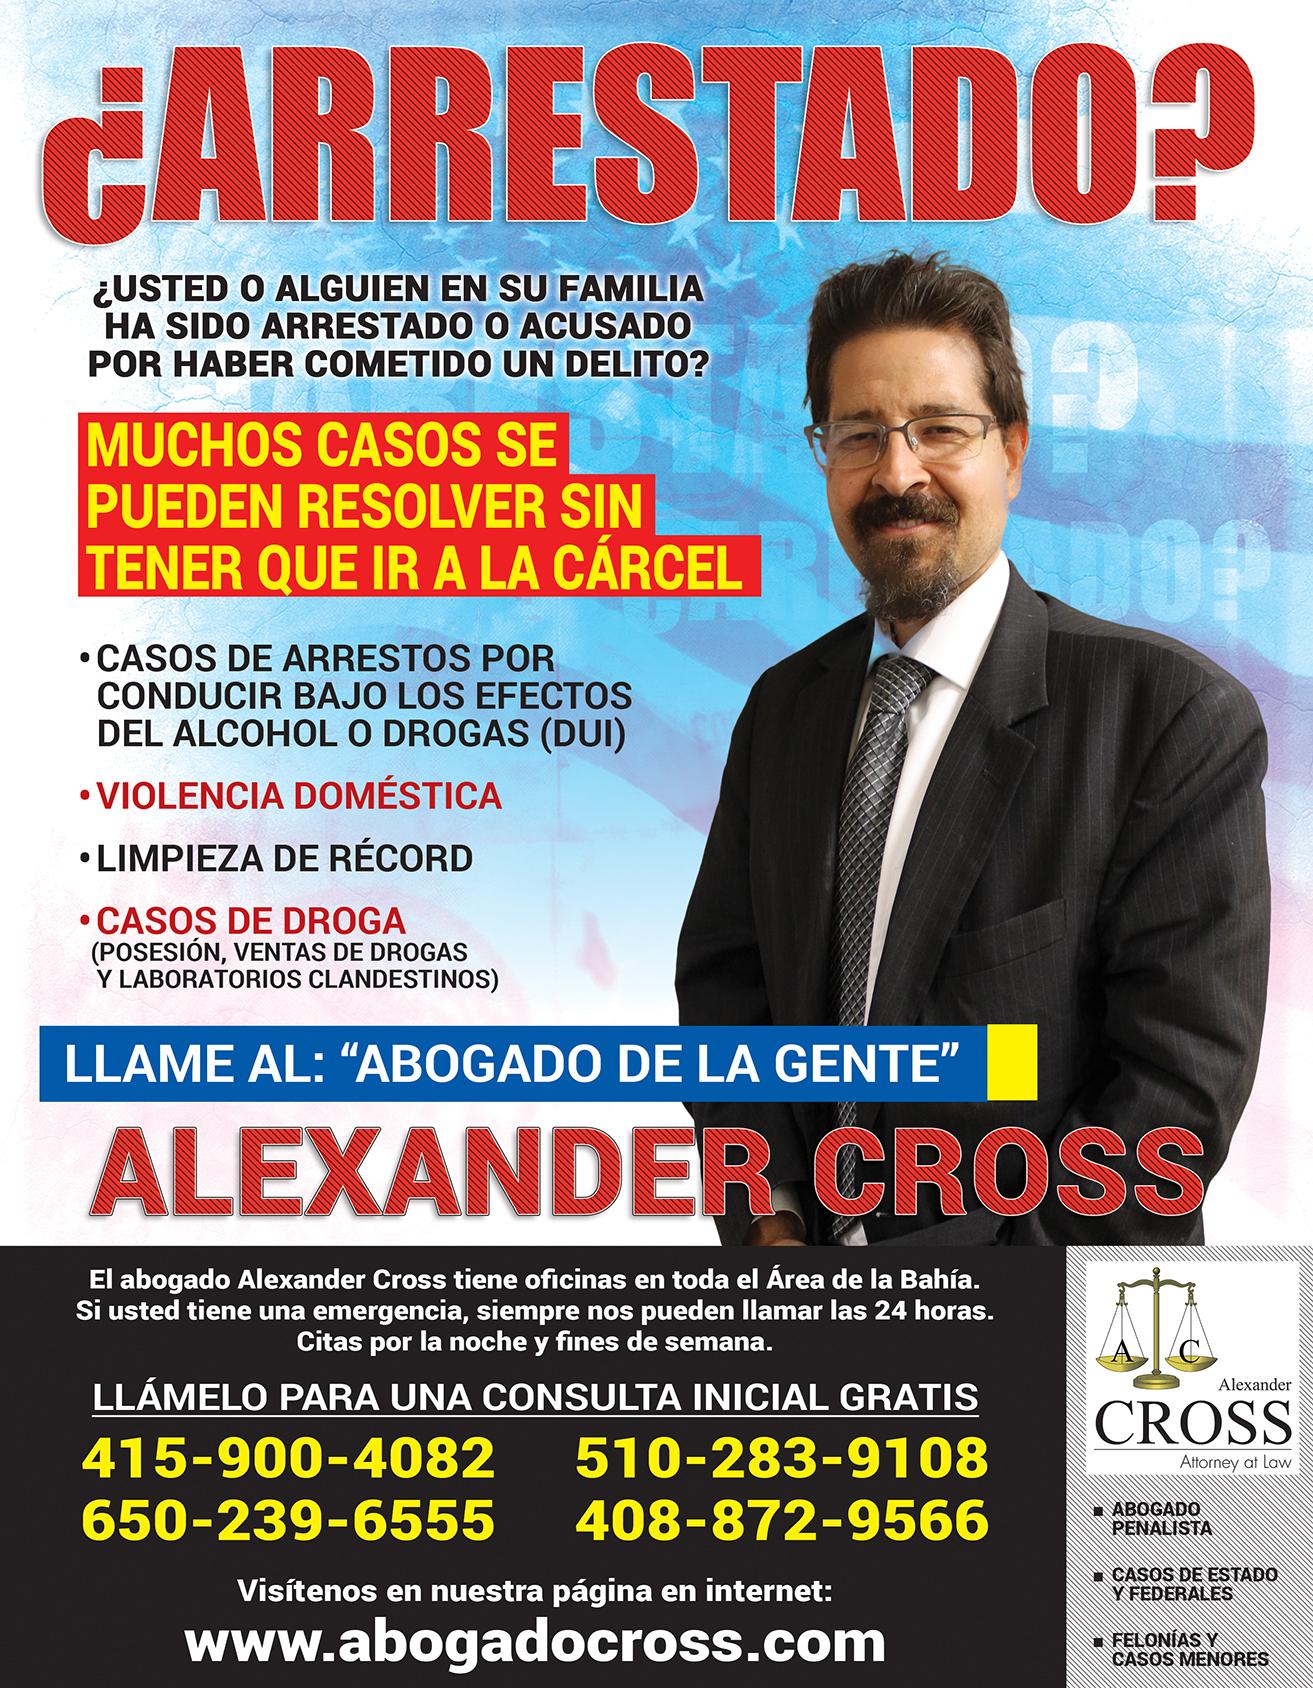 Alexander Cross 1pag GLOSSY OCTUBRE 2018 copy.jpg